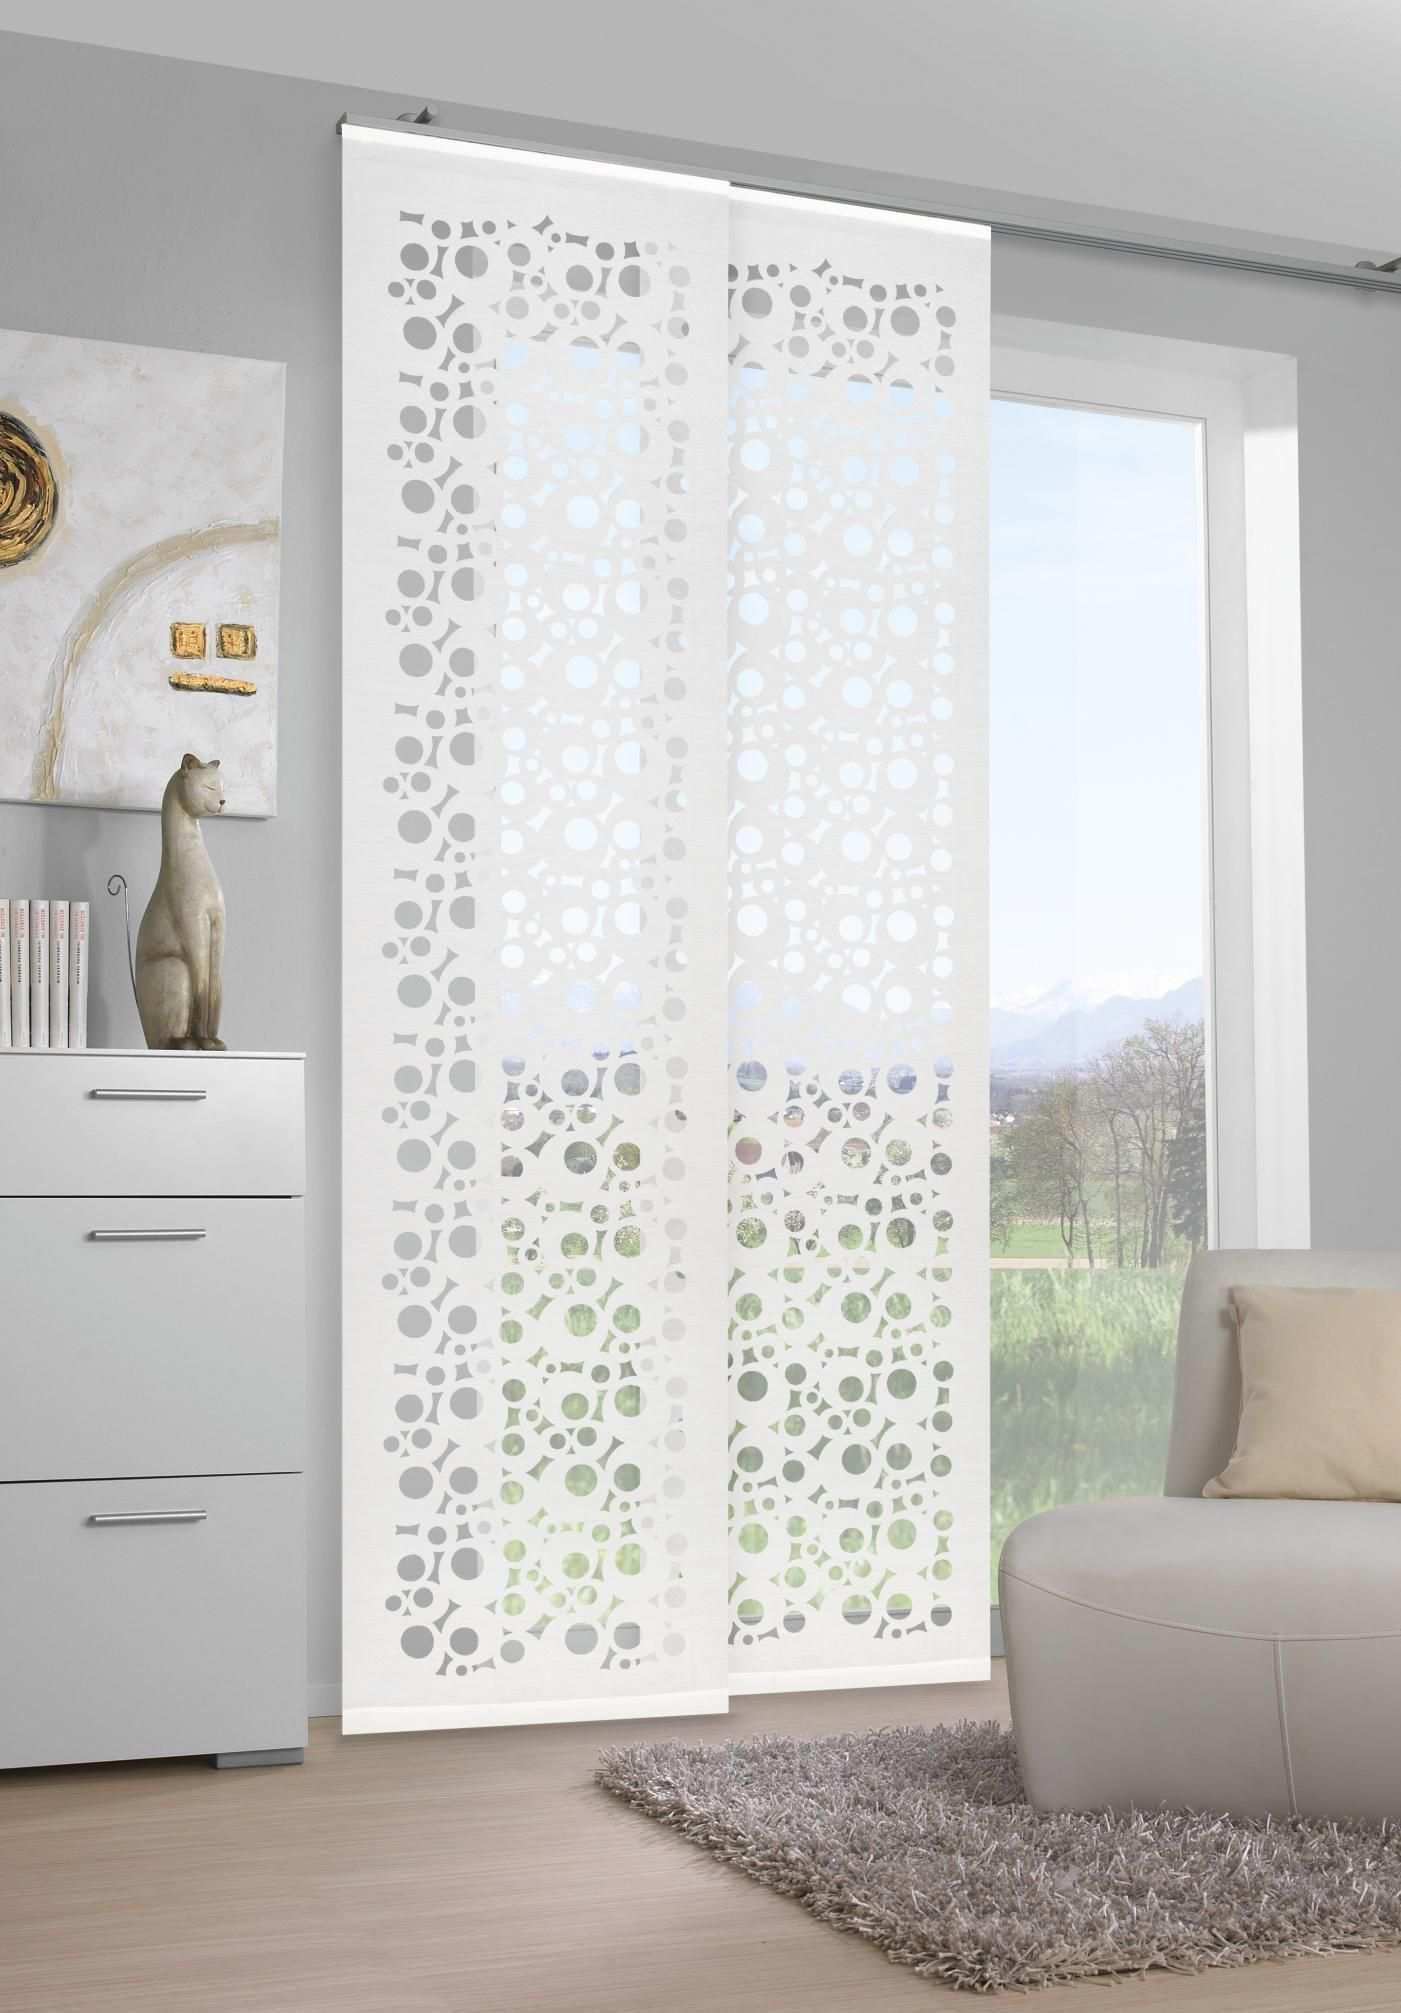 Vorhang In Weiss Von Venda Ausgefallenes Design Fur Ihr Wohnzimmer Vorhange Wohnzimmer Vorhange Vorhange Ideen